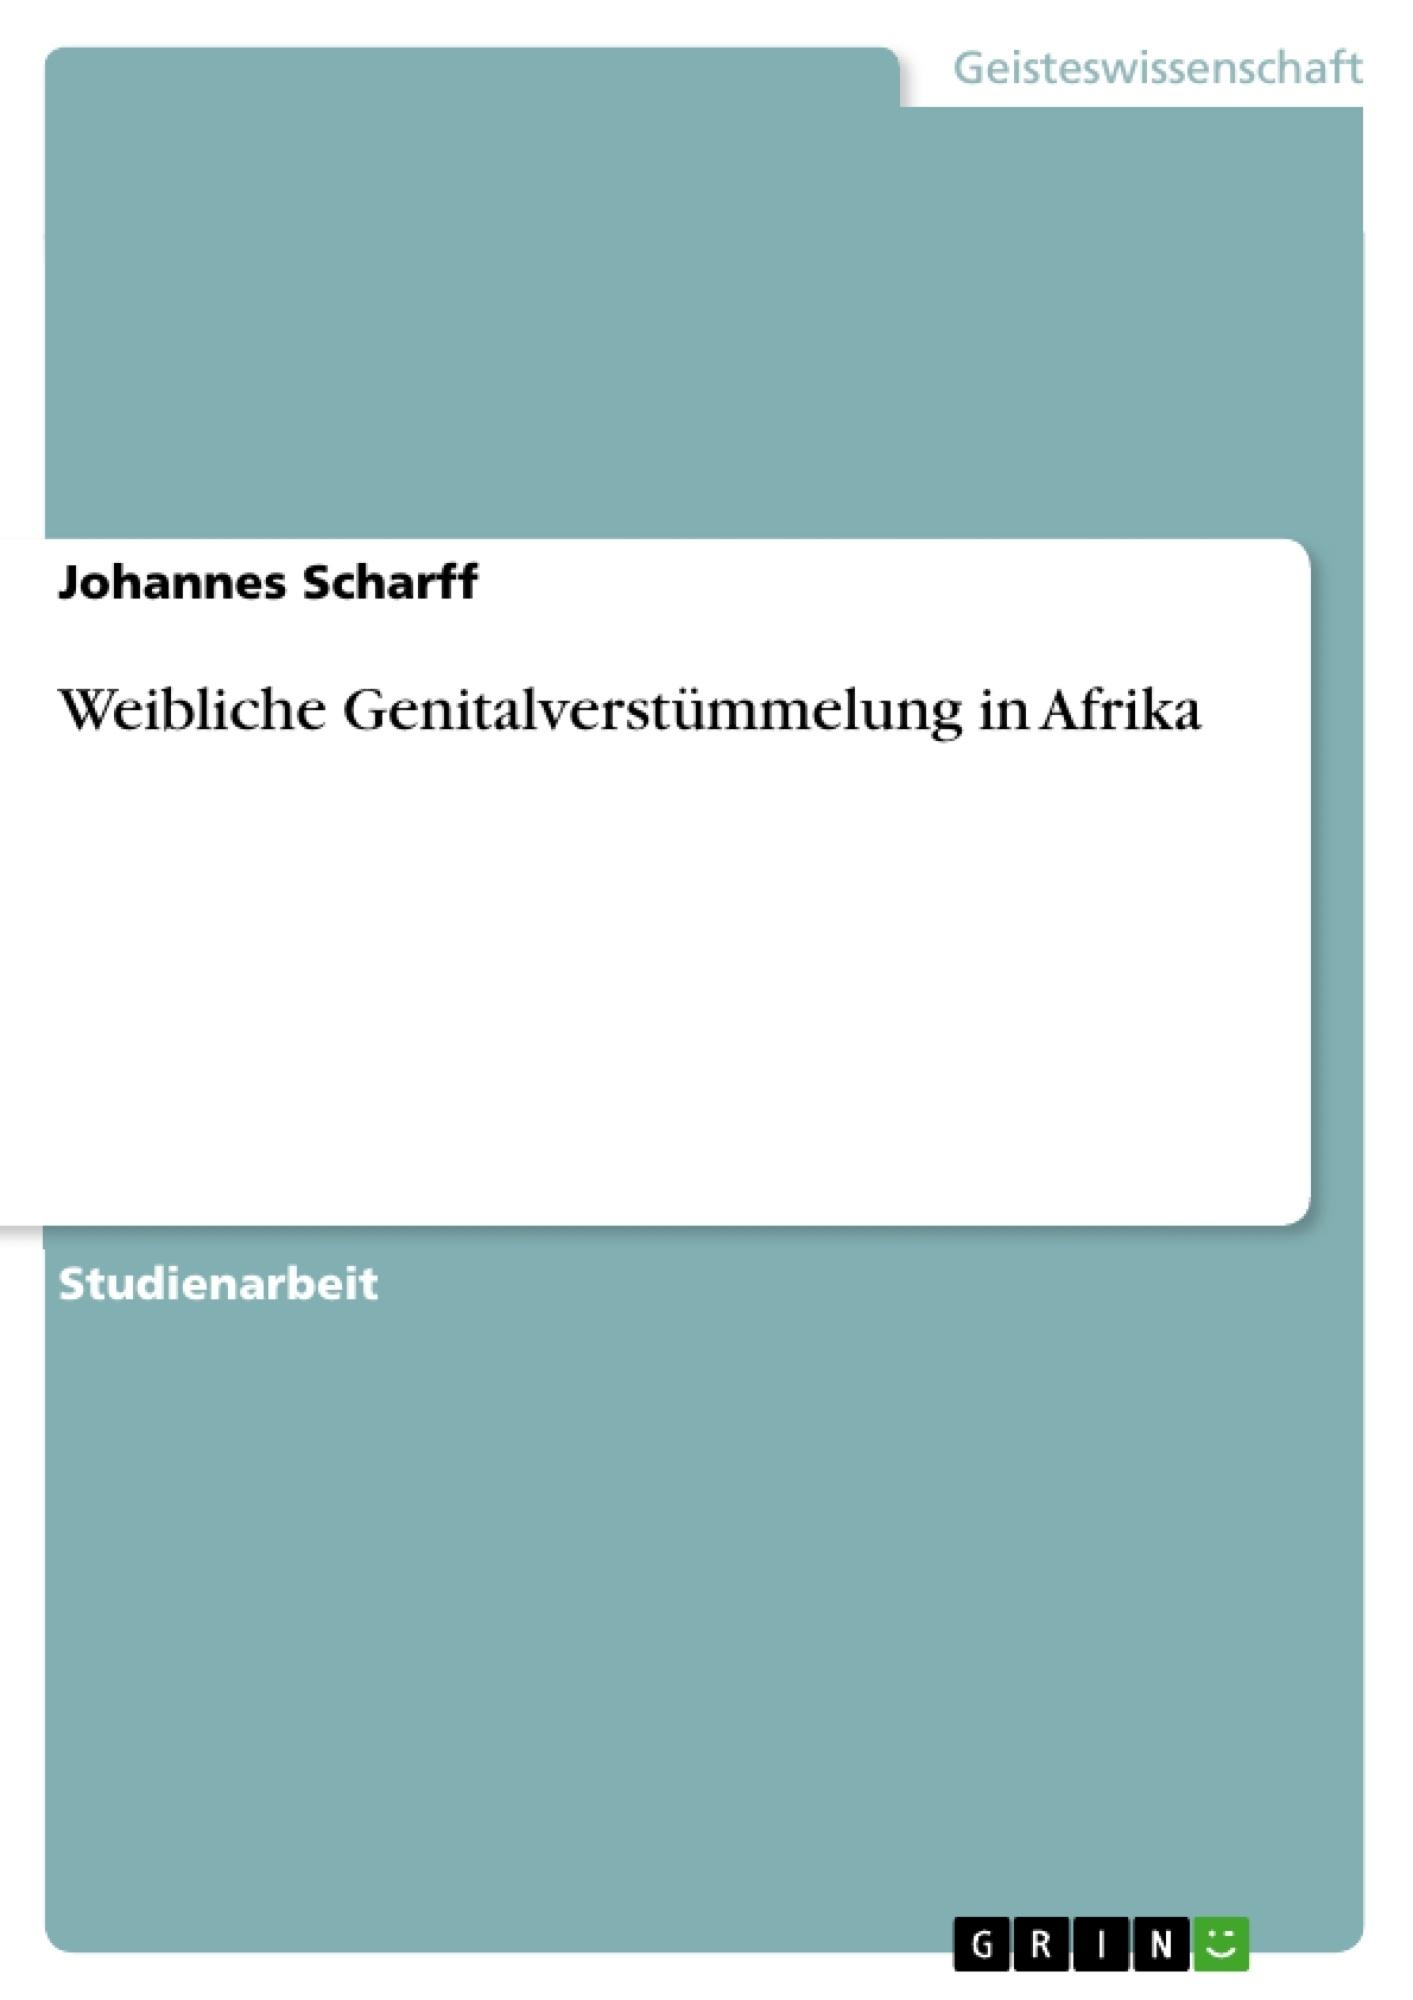 Weibliche Genitalverstümmelung in Afrika | Masterarbeit, Hausarbeit ...